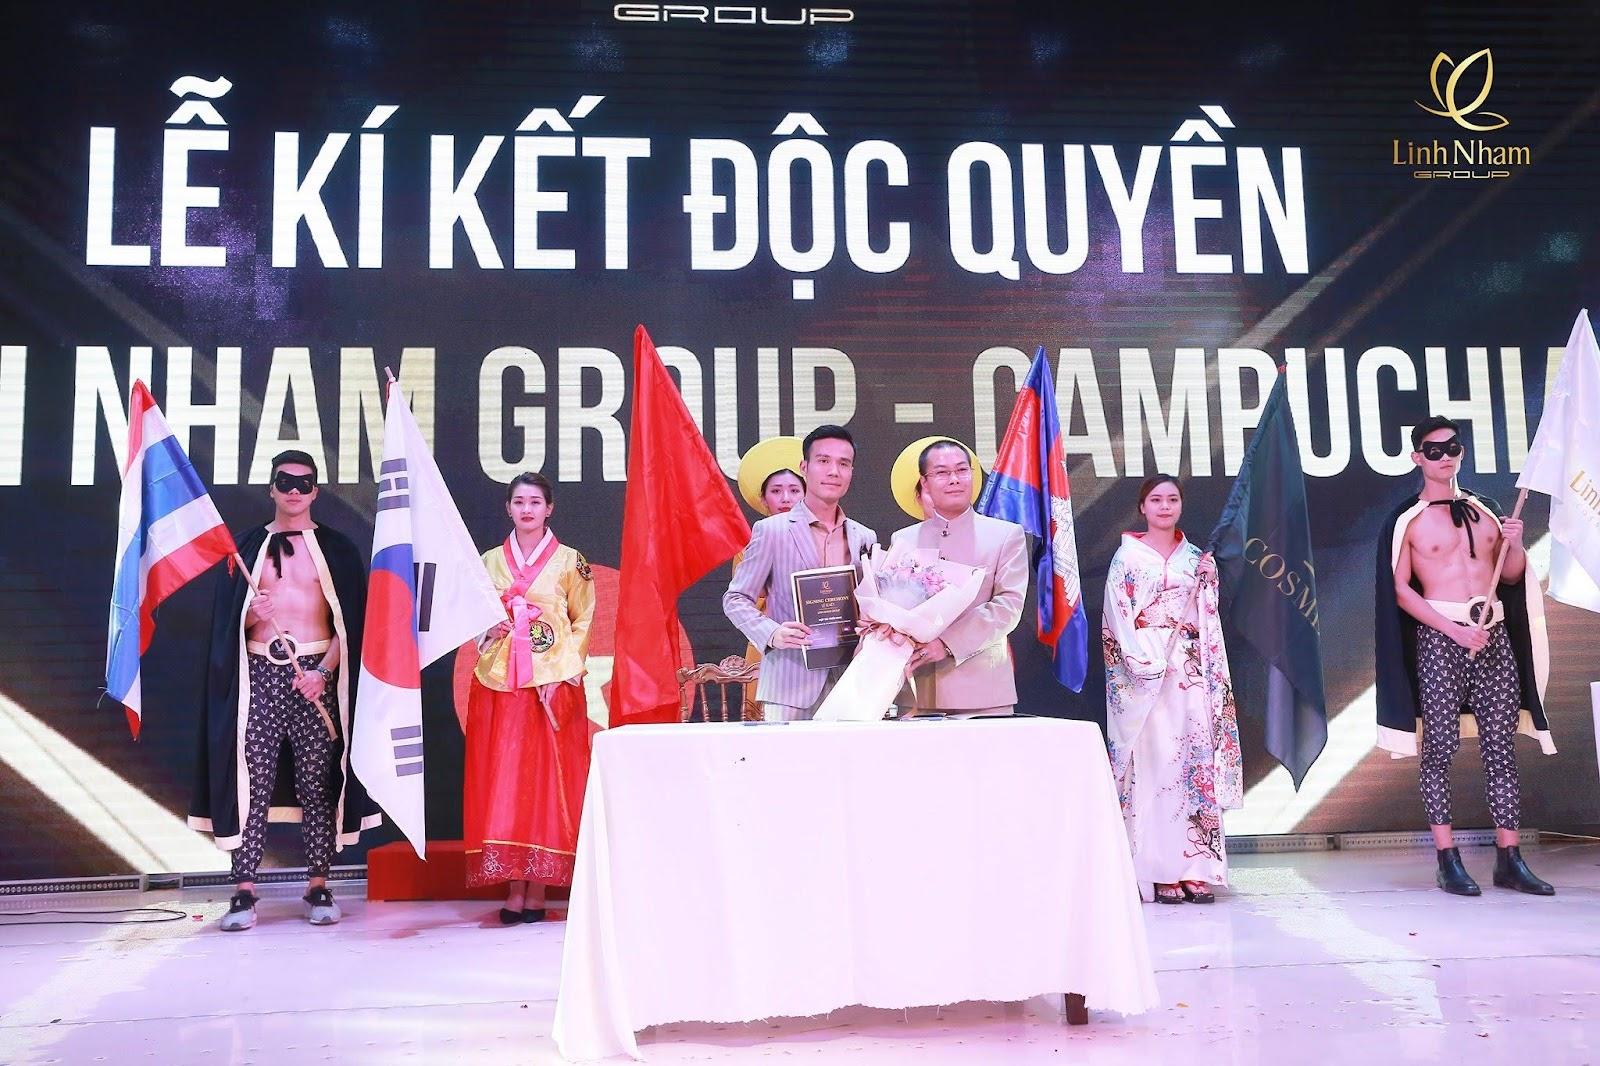 Linh Nham Group ký kết hợp tác với Viện thẩm mỹ quốc tế Han Beauty - Ảnh 6